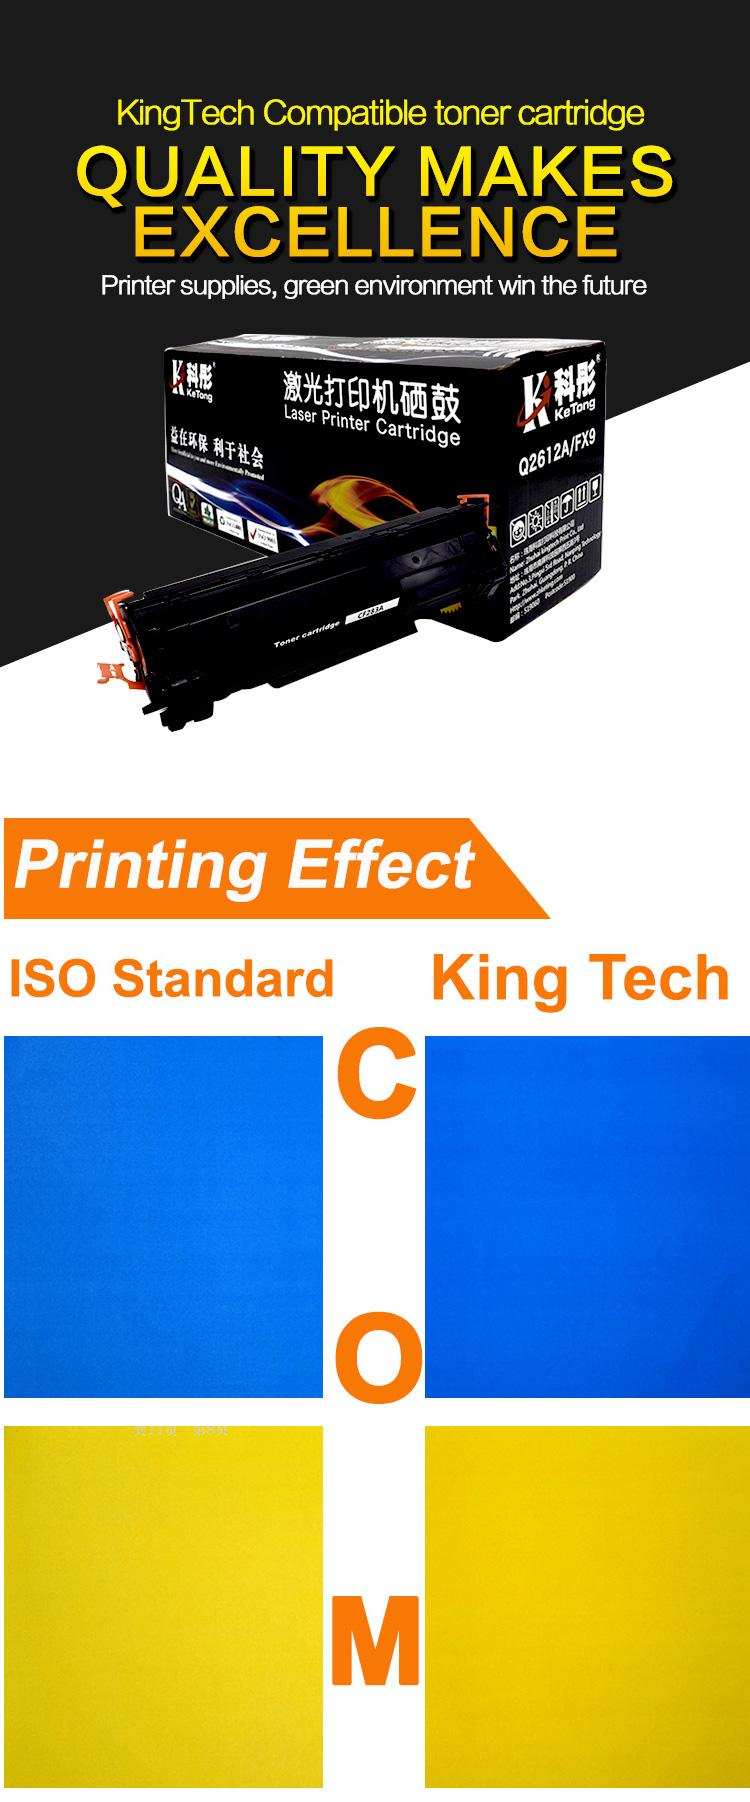 King Tech Compatible Replacement Cartridge For Ricoh Aficio Sp100sf/ Sp10  Black Toner Cartridge (1200 Page Yield) - Buy Compatible Cartridge,Toner